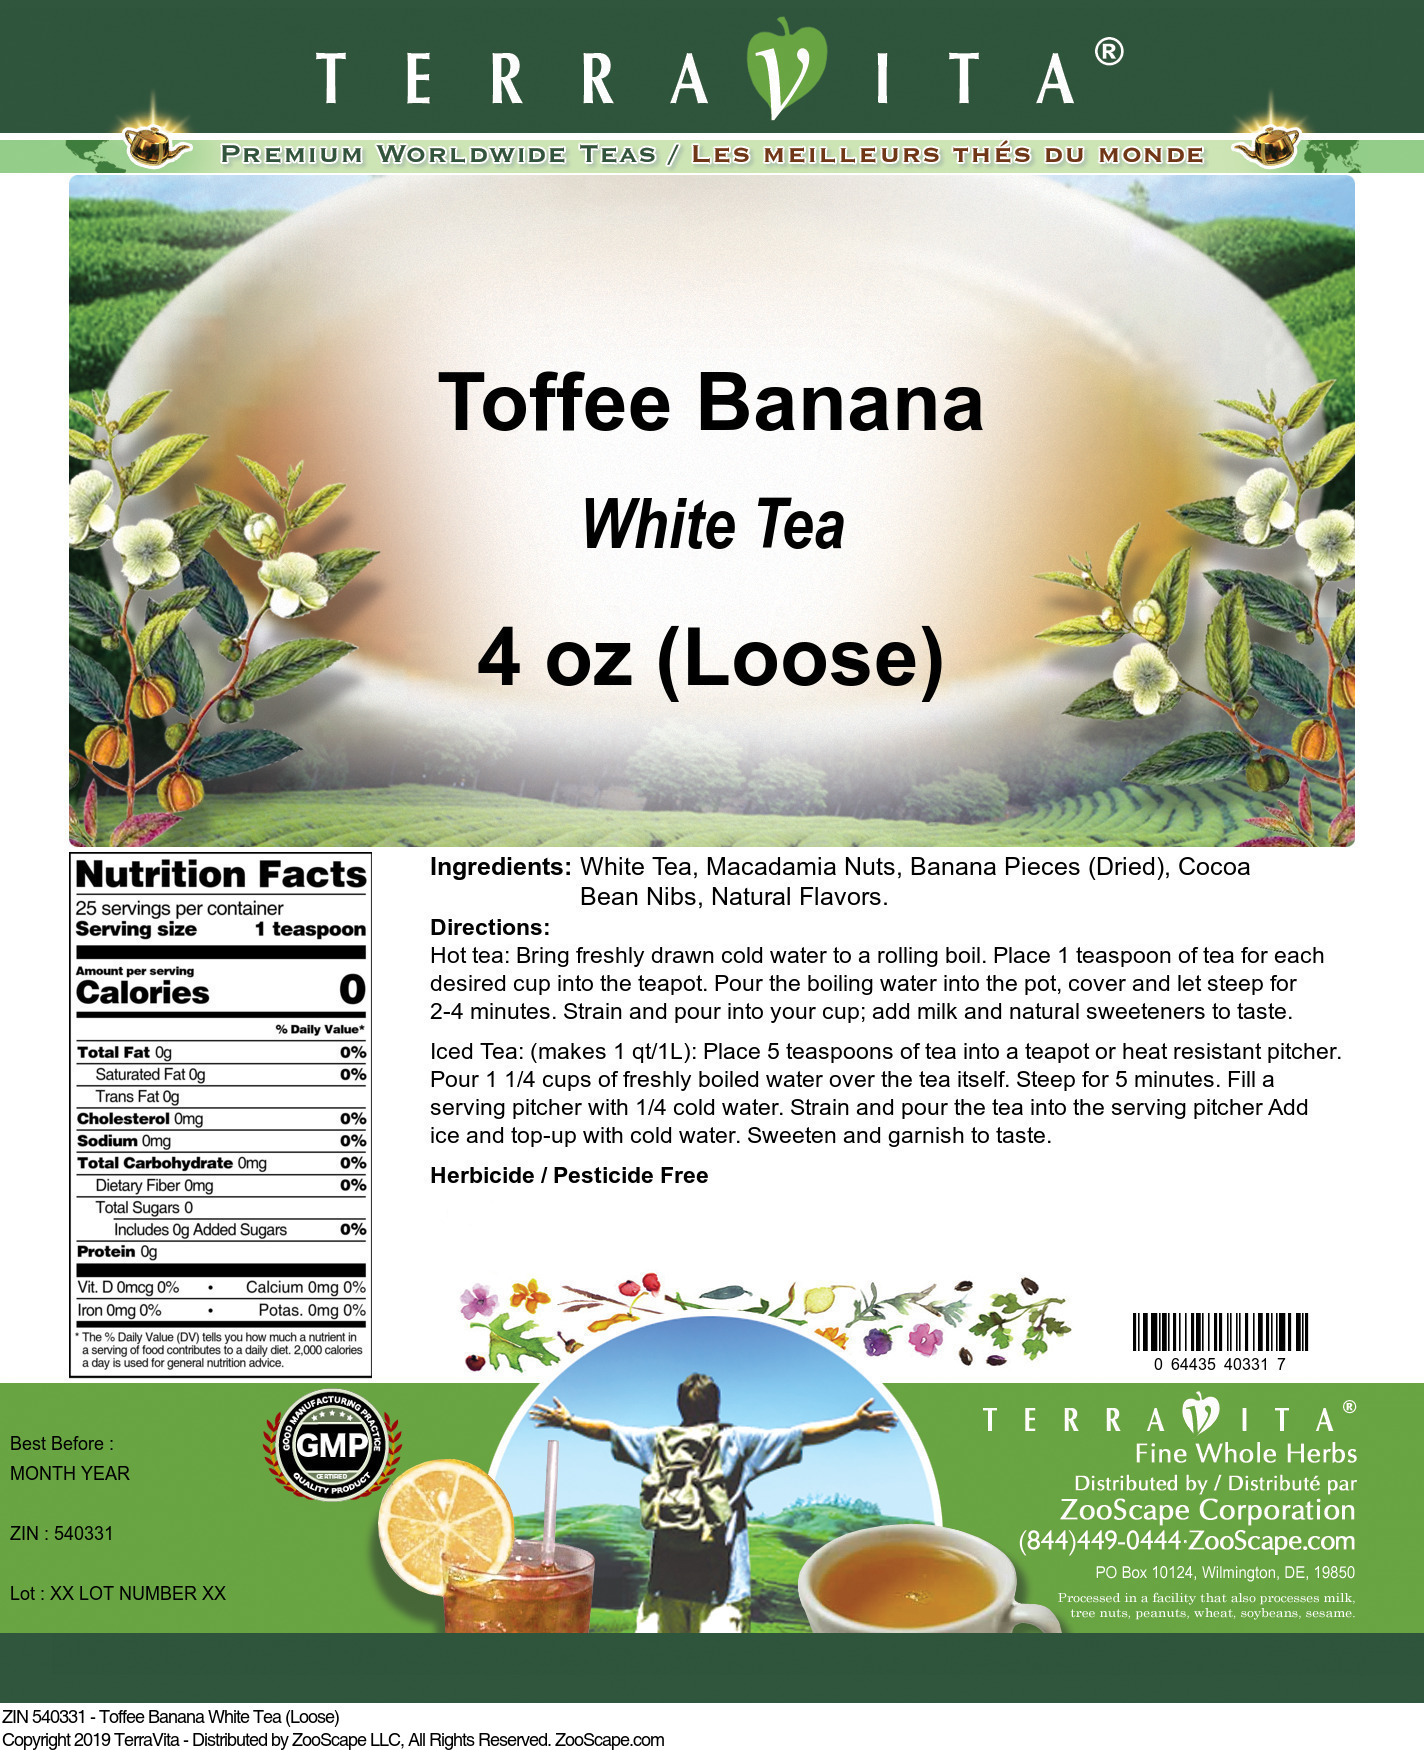 Toffee Banana White Tea (Loose)